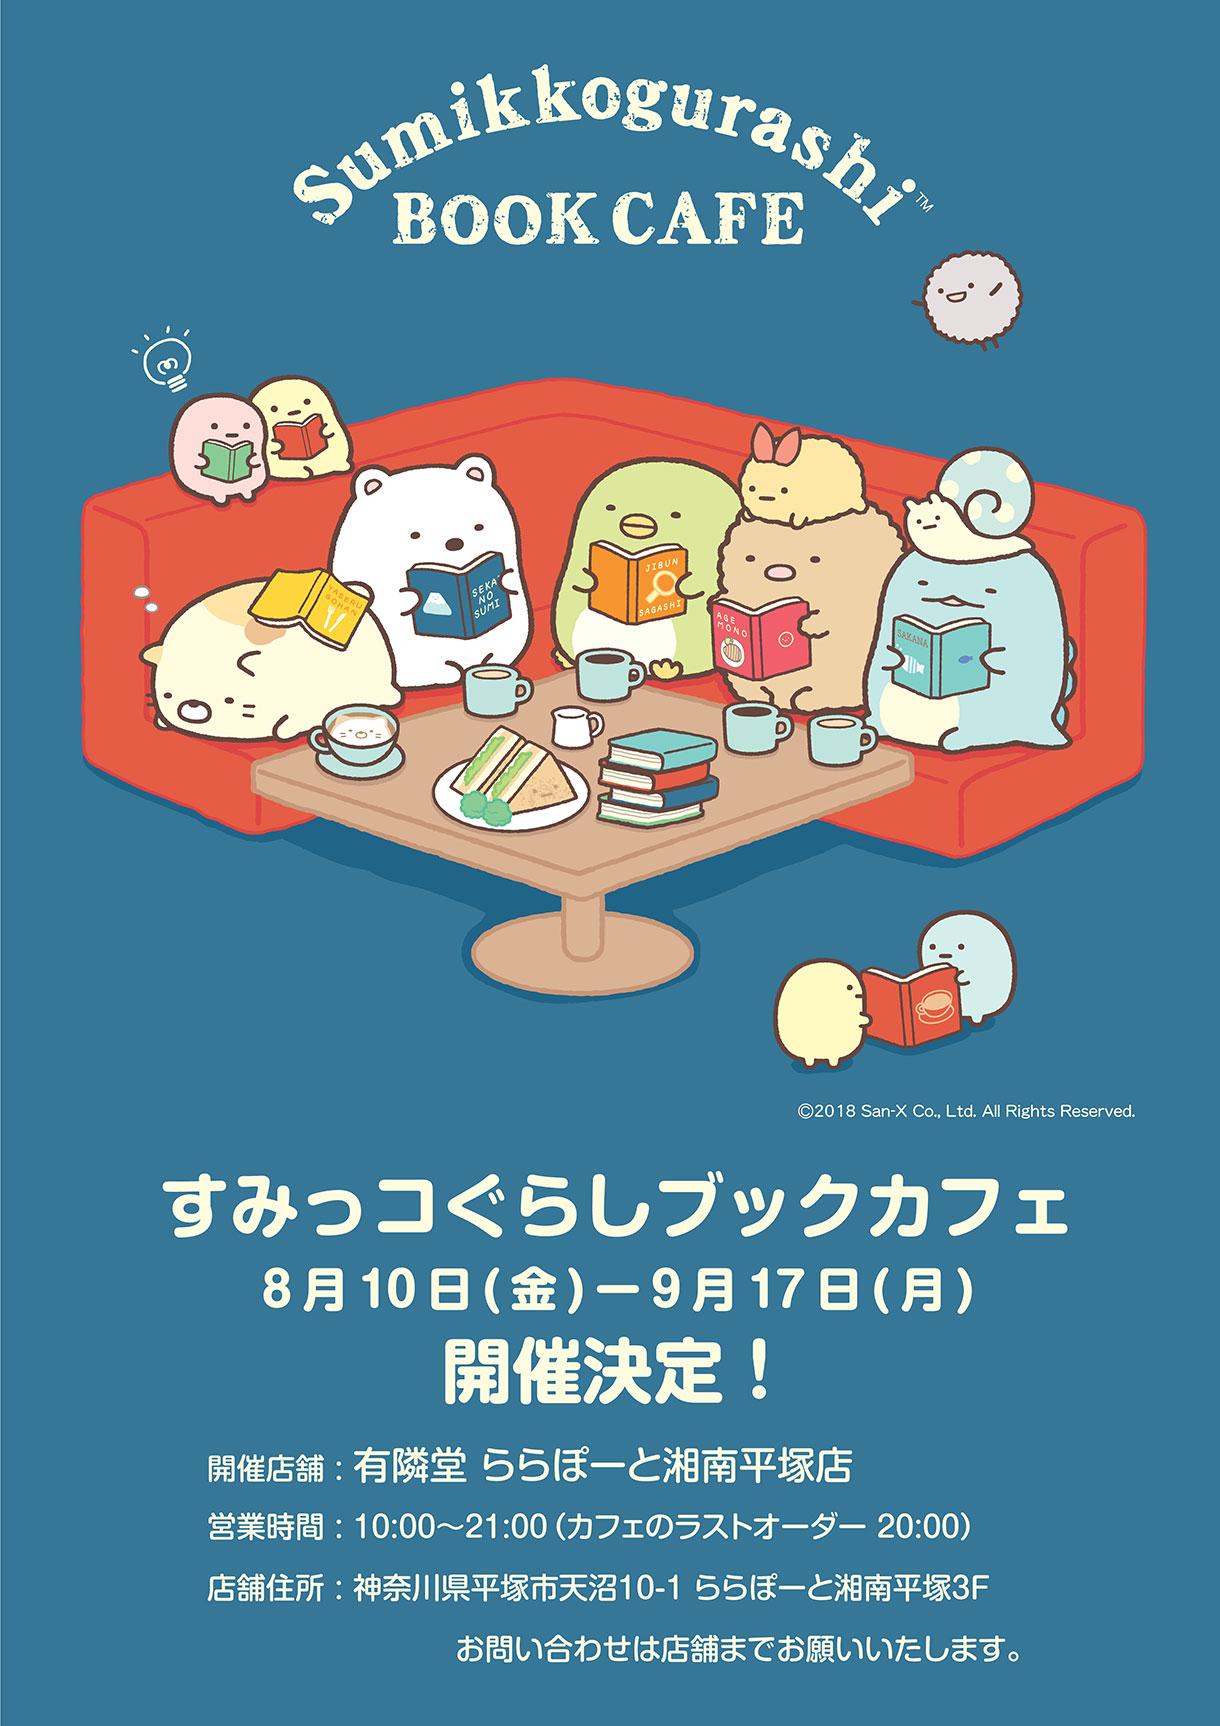 「すみっコぐらしブックカフェ」開催決定!